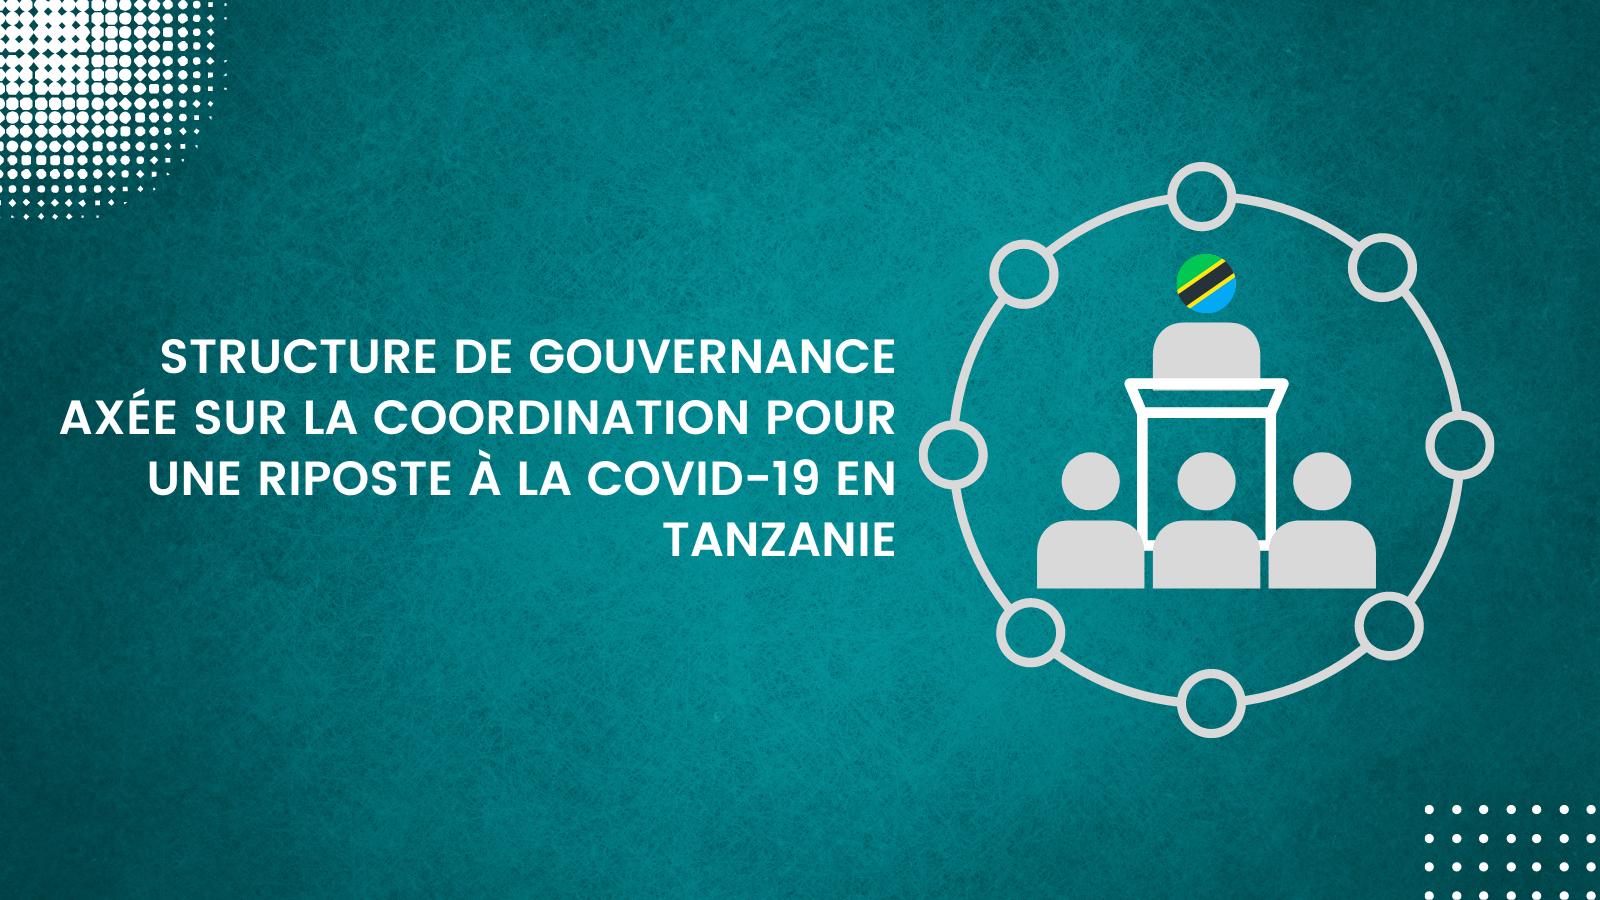 Structure de gouvernance axée sur la coordination pour une riposte à la COVID-19 en Tanzanie